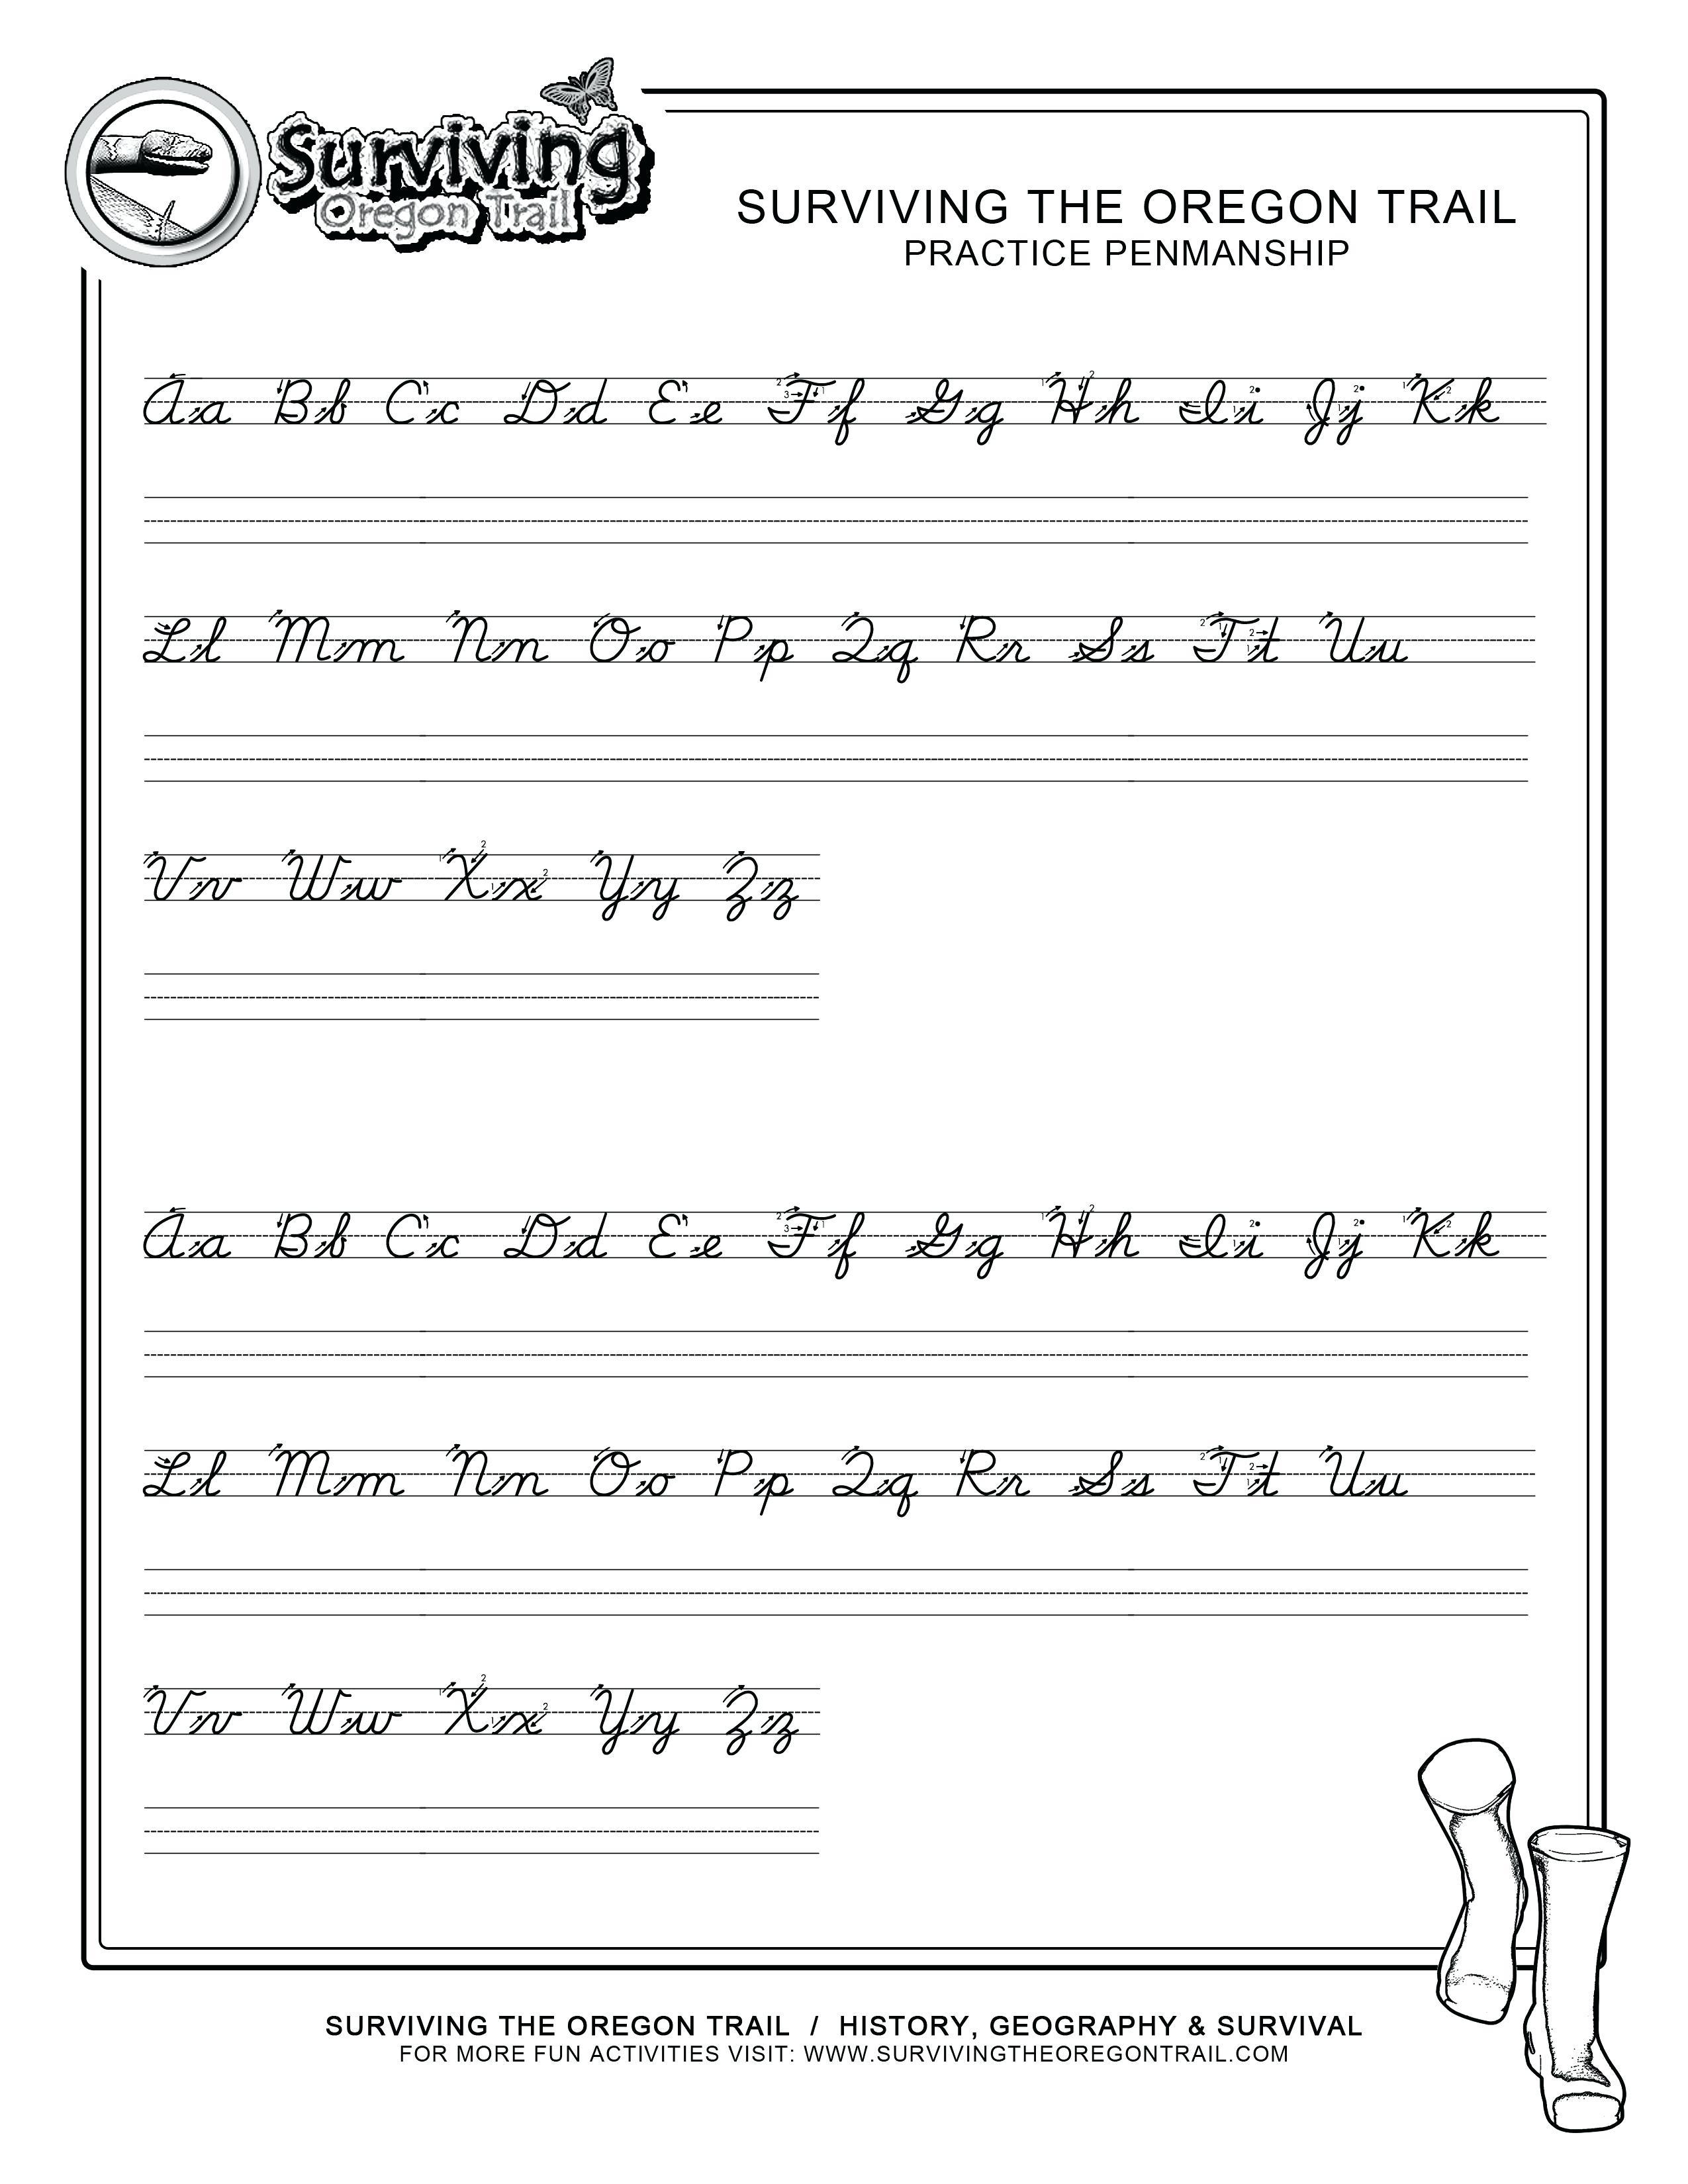 Cursive Handwriting Sheet - Karis.sticken.co | Printable Cursive Handwriting Worksheet Generator